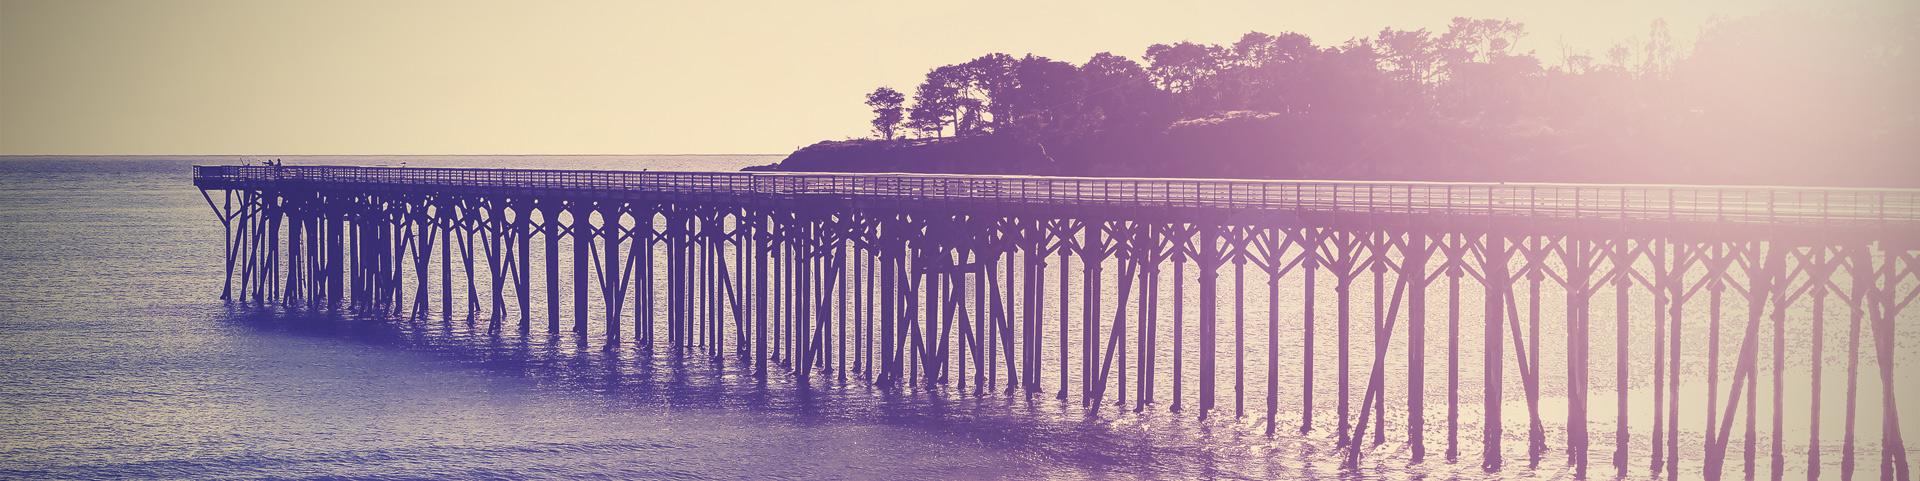 long-pier